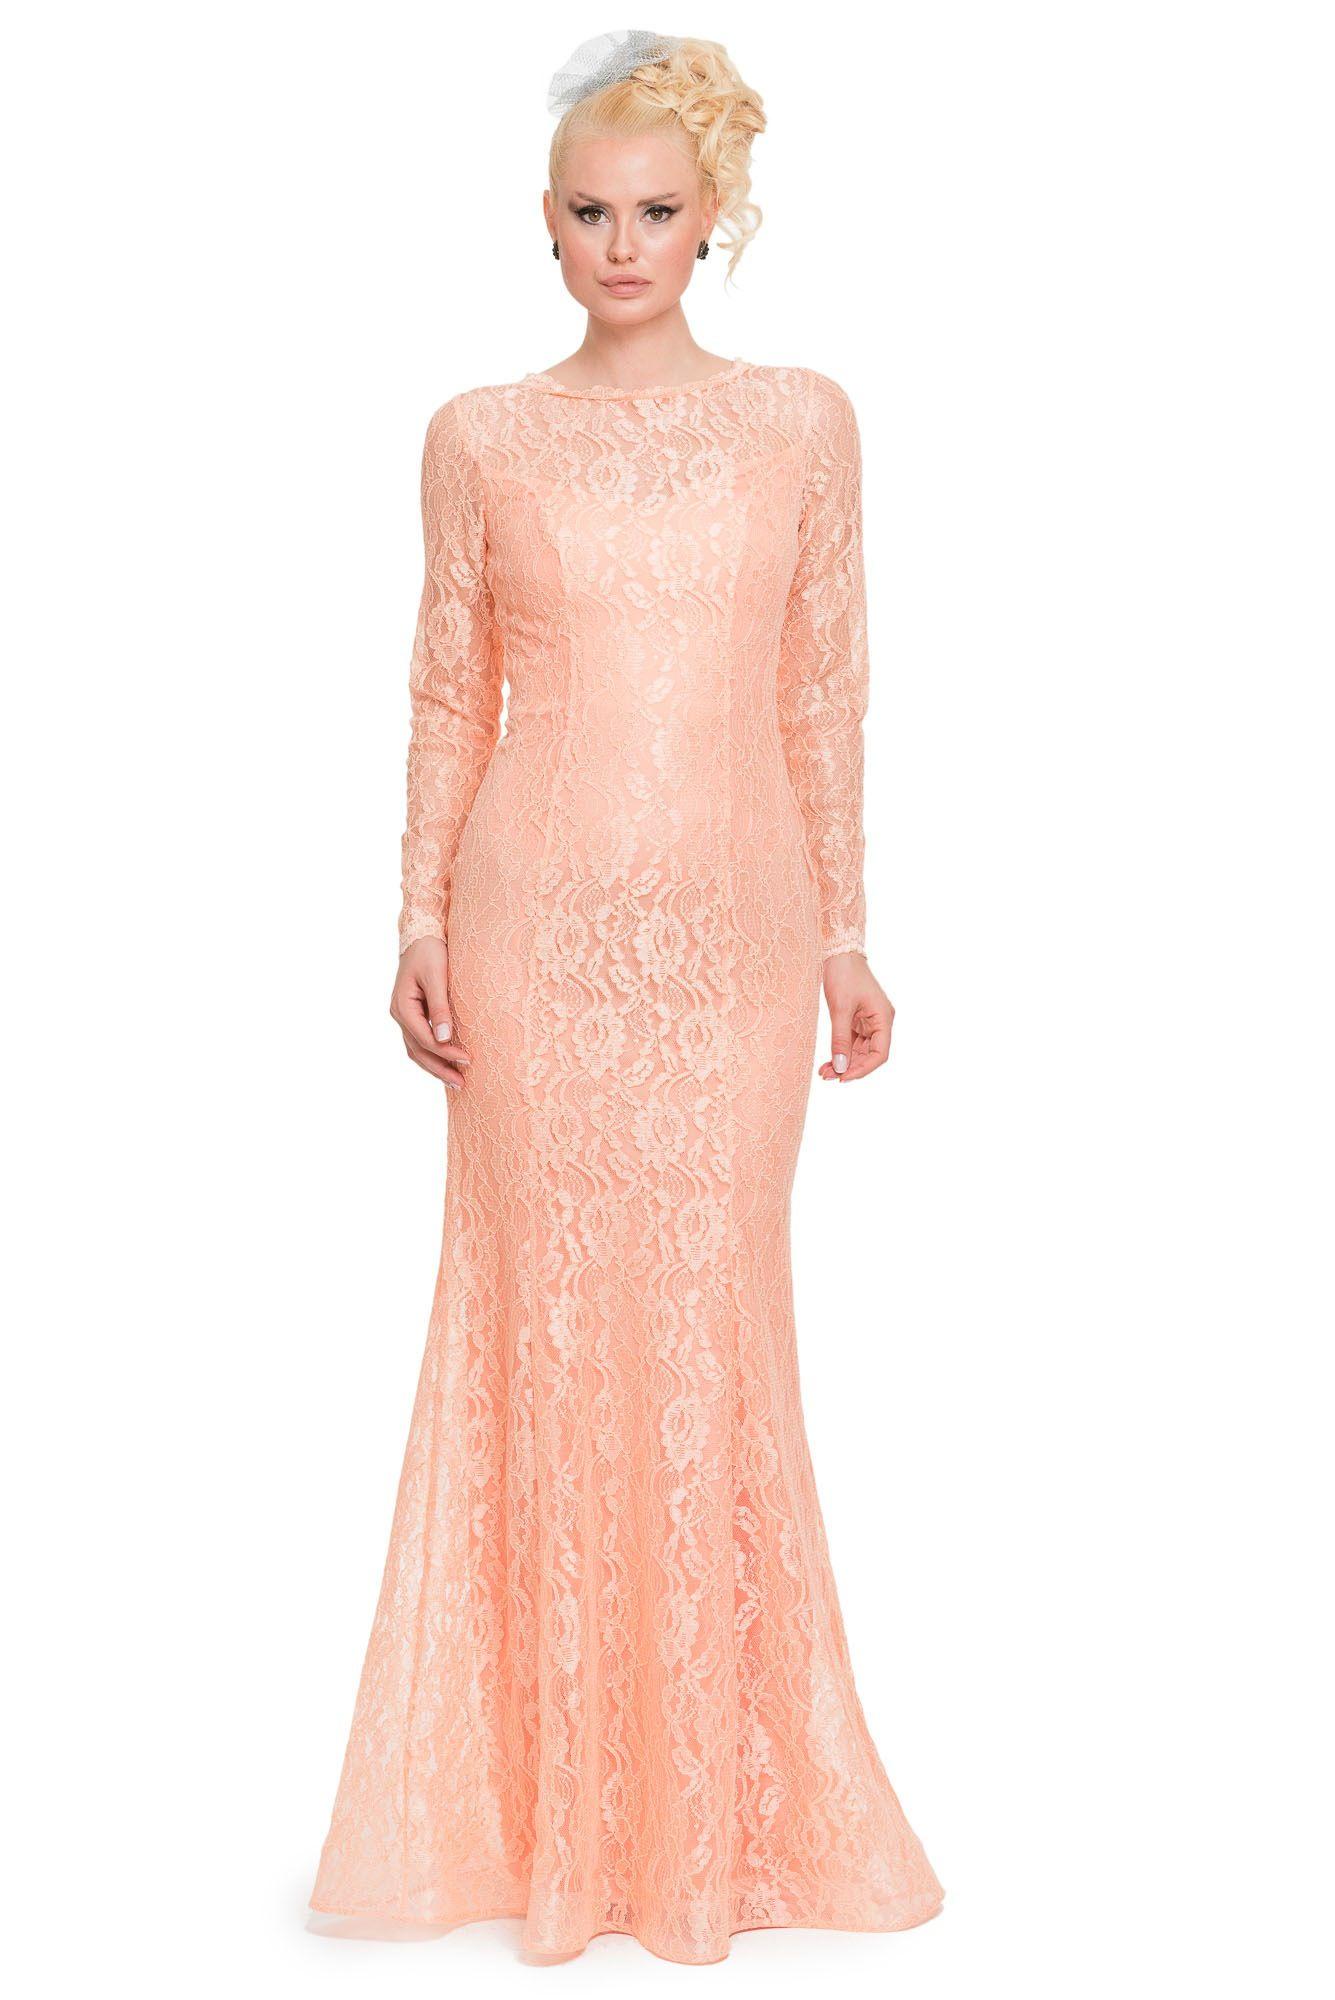 Pudra Uzun Kollu Dantel Uzun Abiye Elbise Abu079 Elbise Resmi Elbise Uzun Kollu